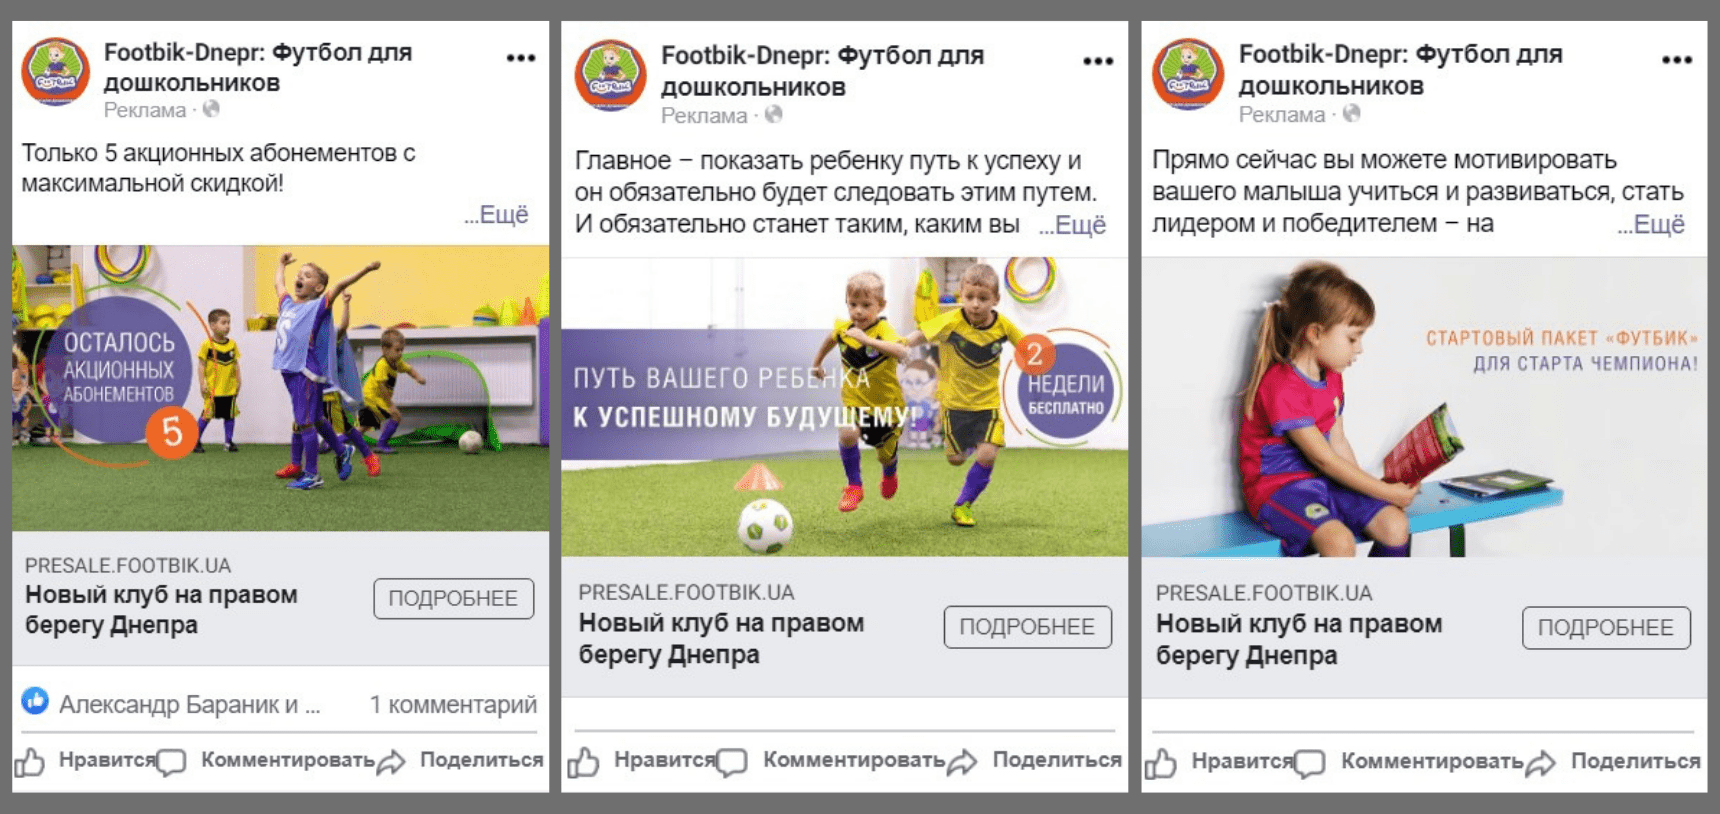 Footbik - таргетированная реклама в соцсетях